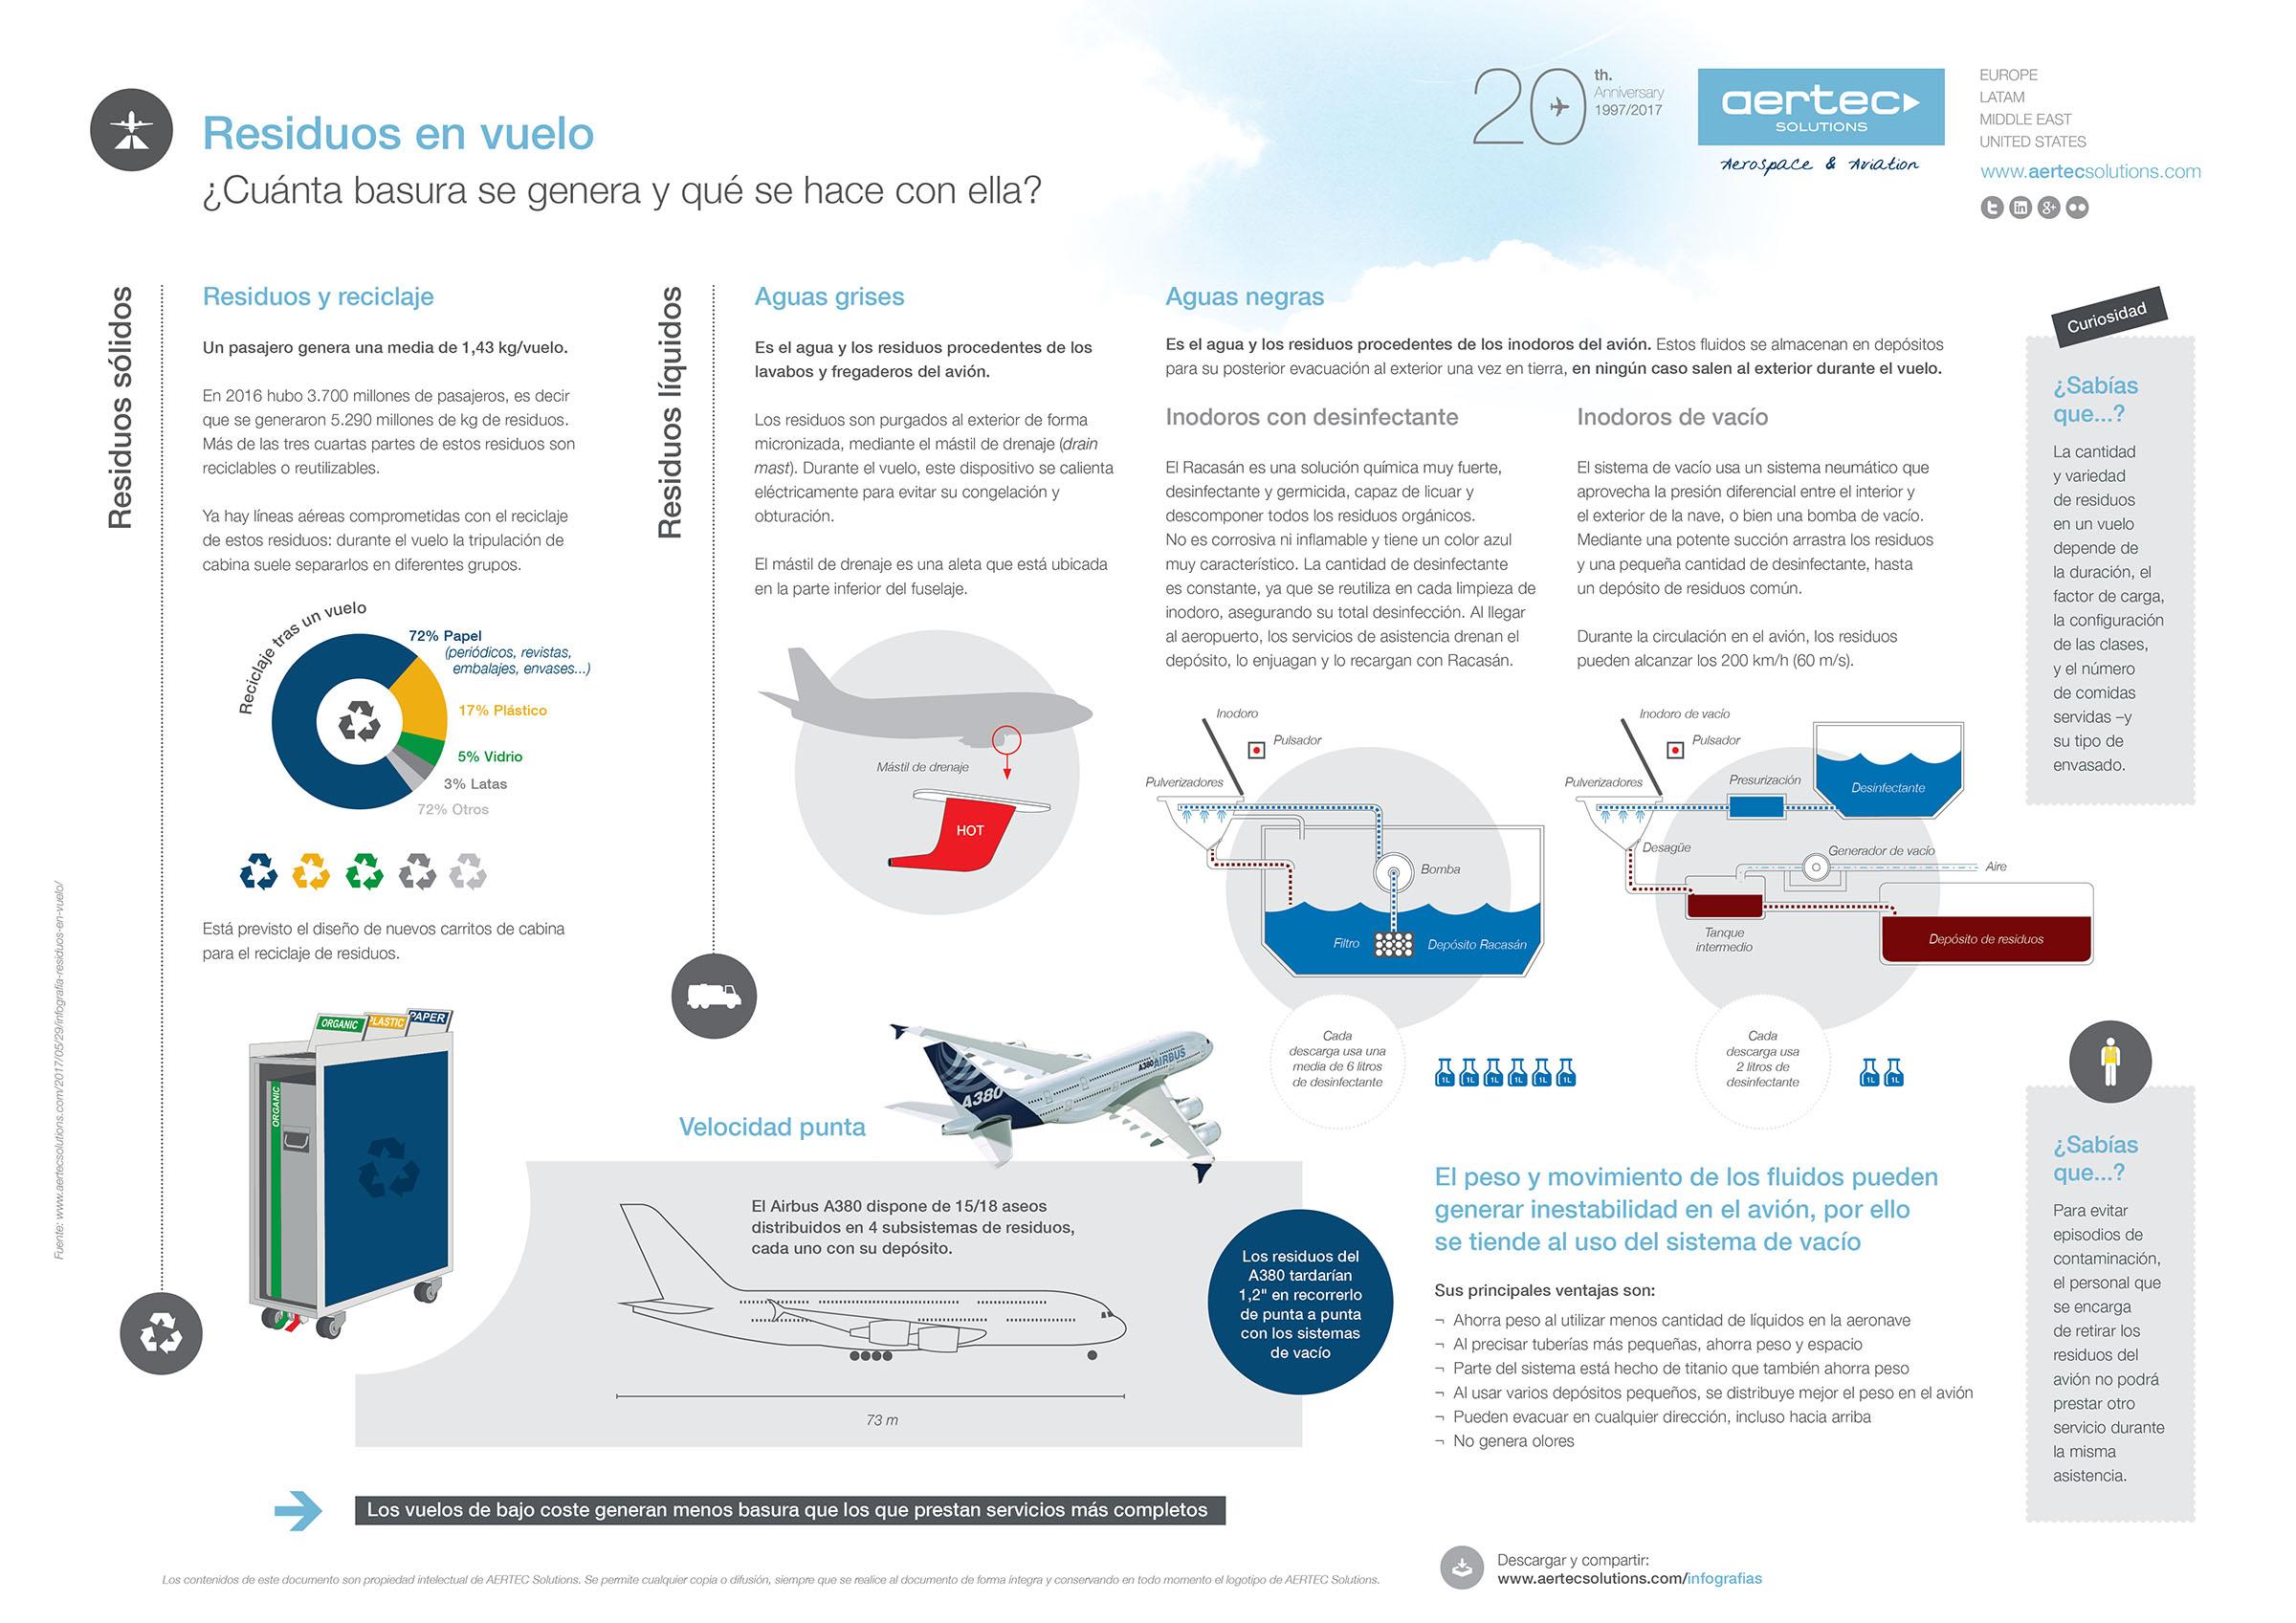 Infografía sobre medioambiente